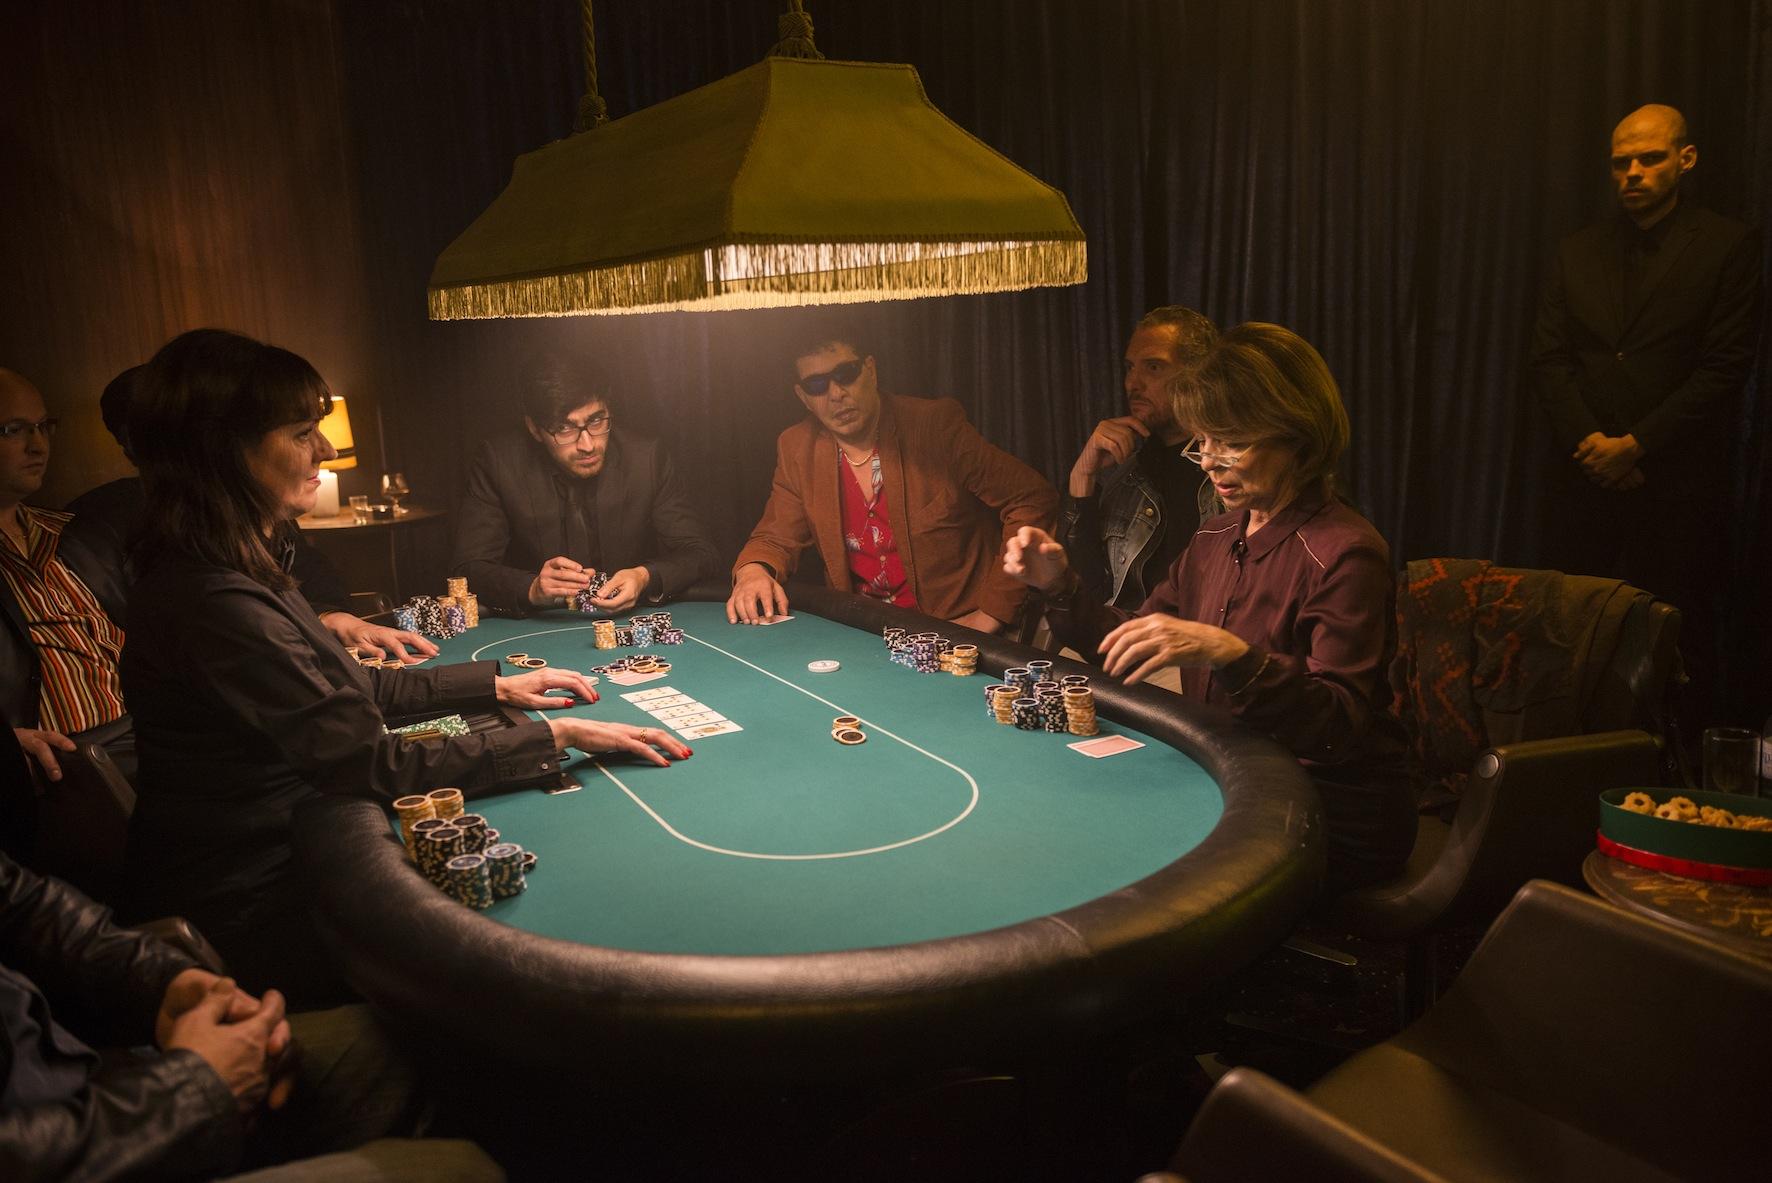 Pokerface (Oma zockt sie alle ab)